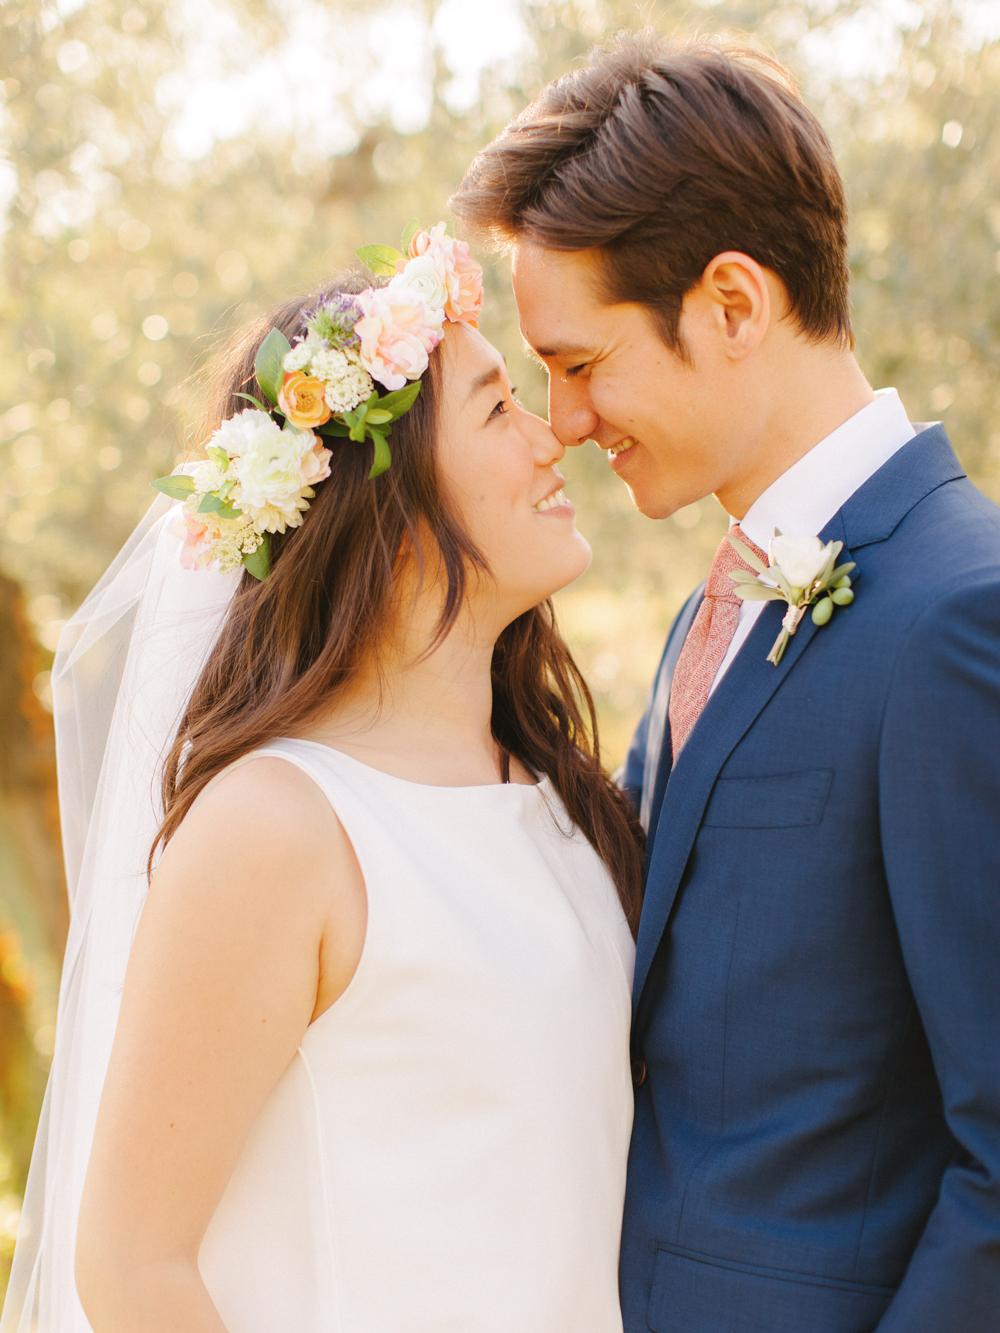 TUSCANY-INTIMATE-WEDDING--17